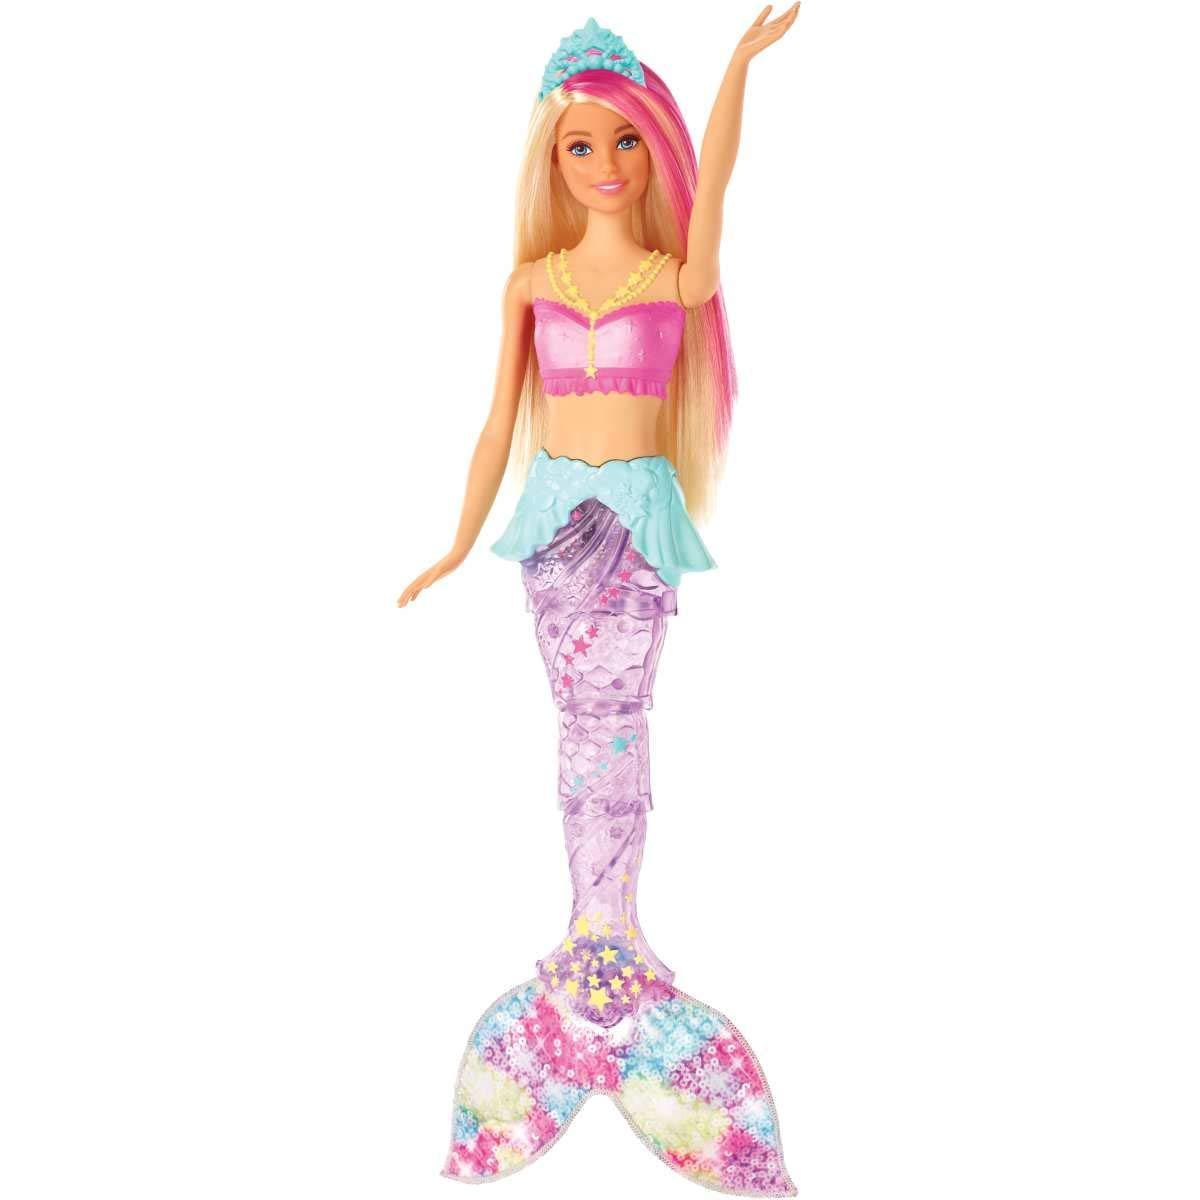 Барби Мерцающая русалочка Подводное сияние Яркие огоньки Barbie Dreamtopia Sparkle Mermaid